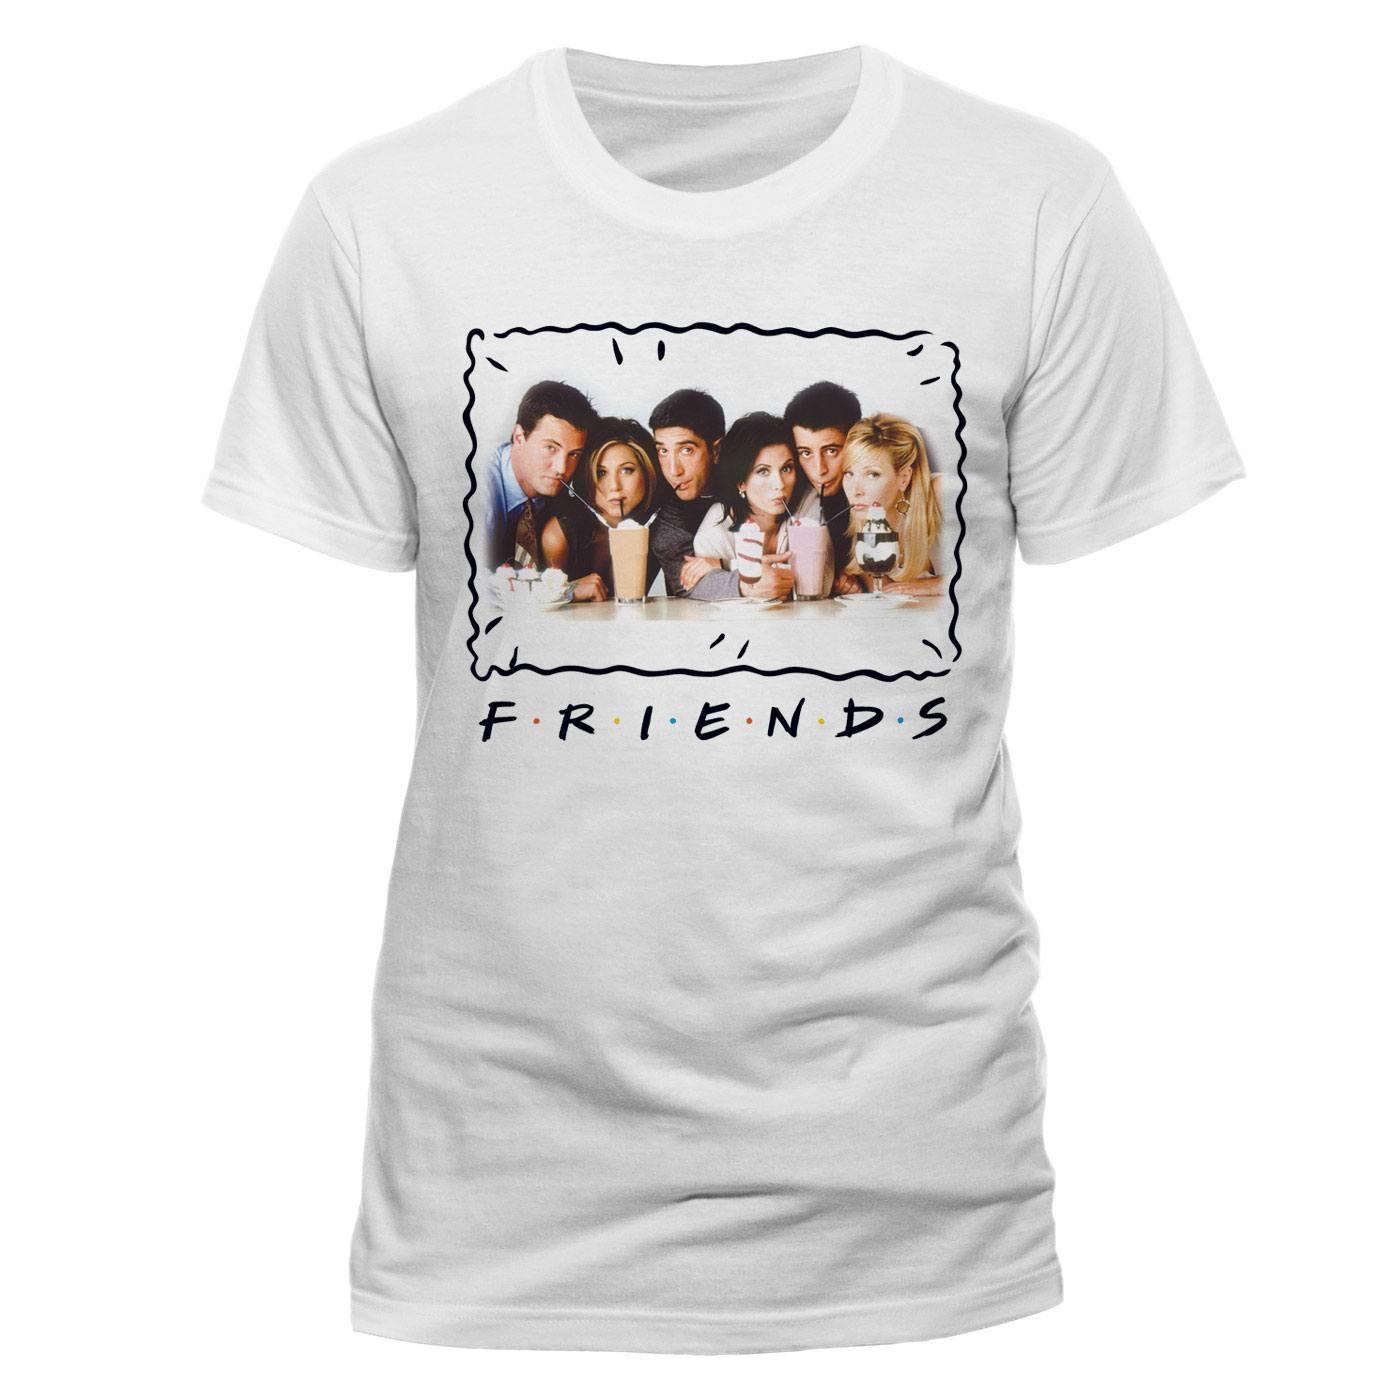 Friends T-Shirt Milkshake Size L